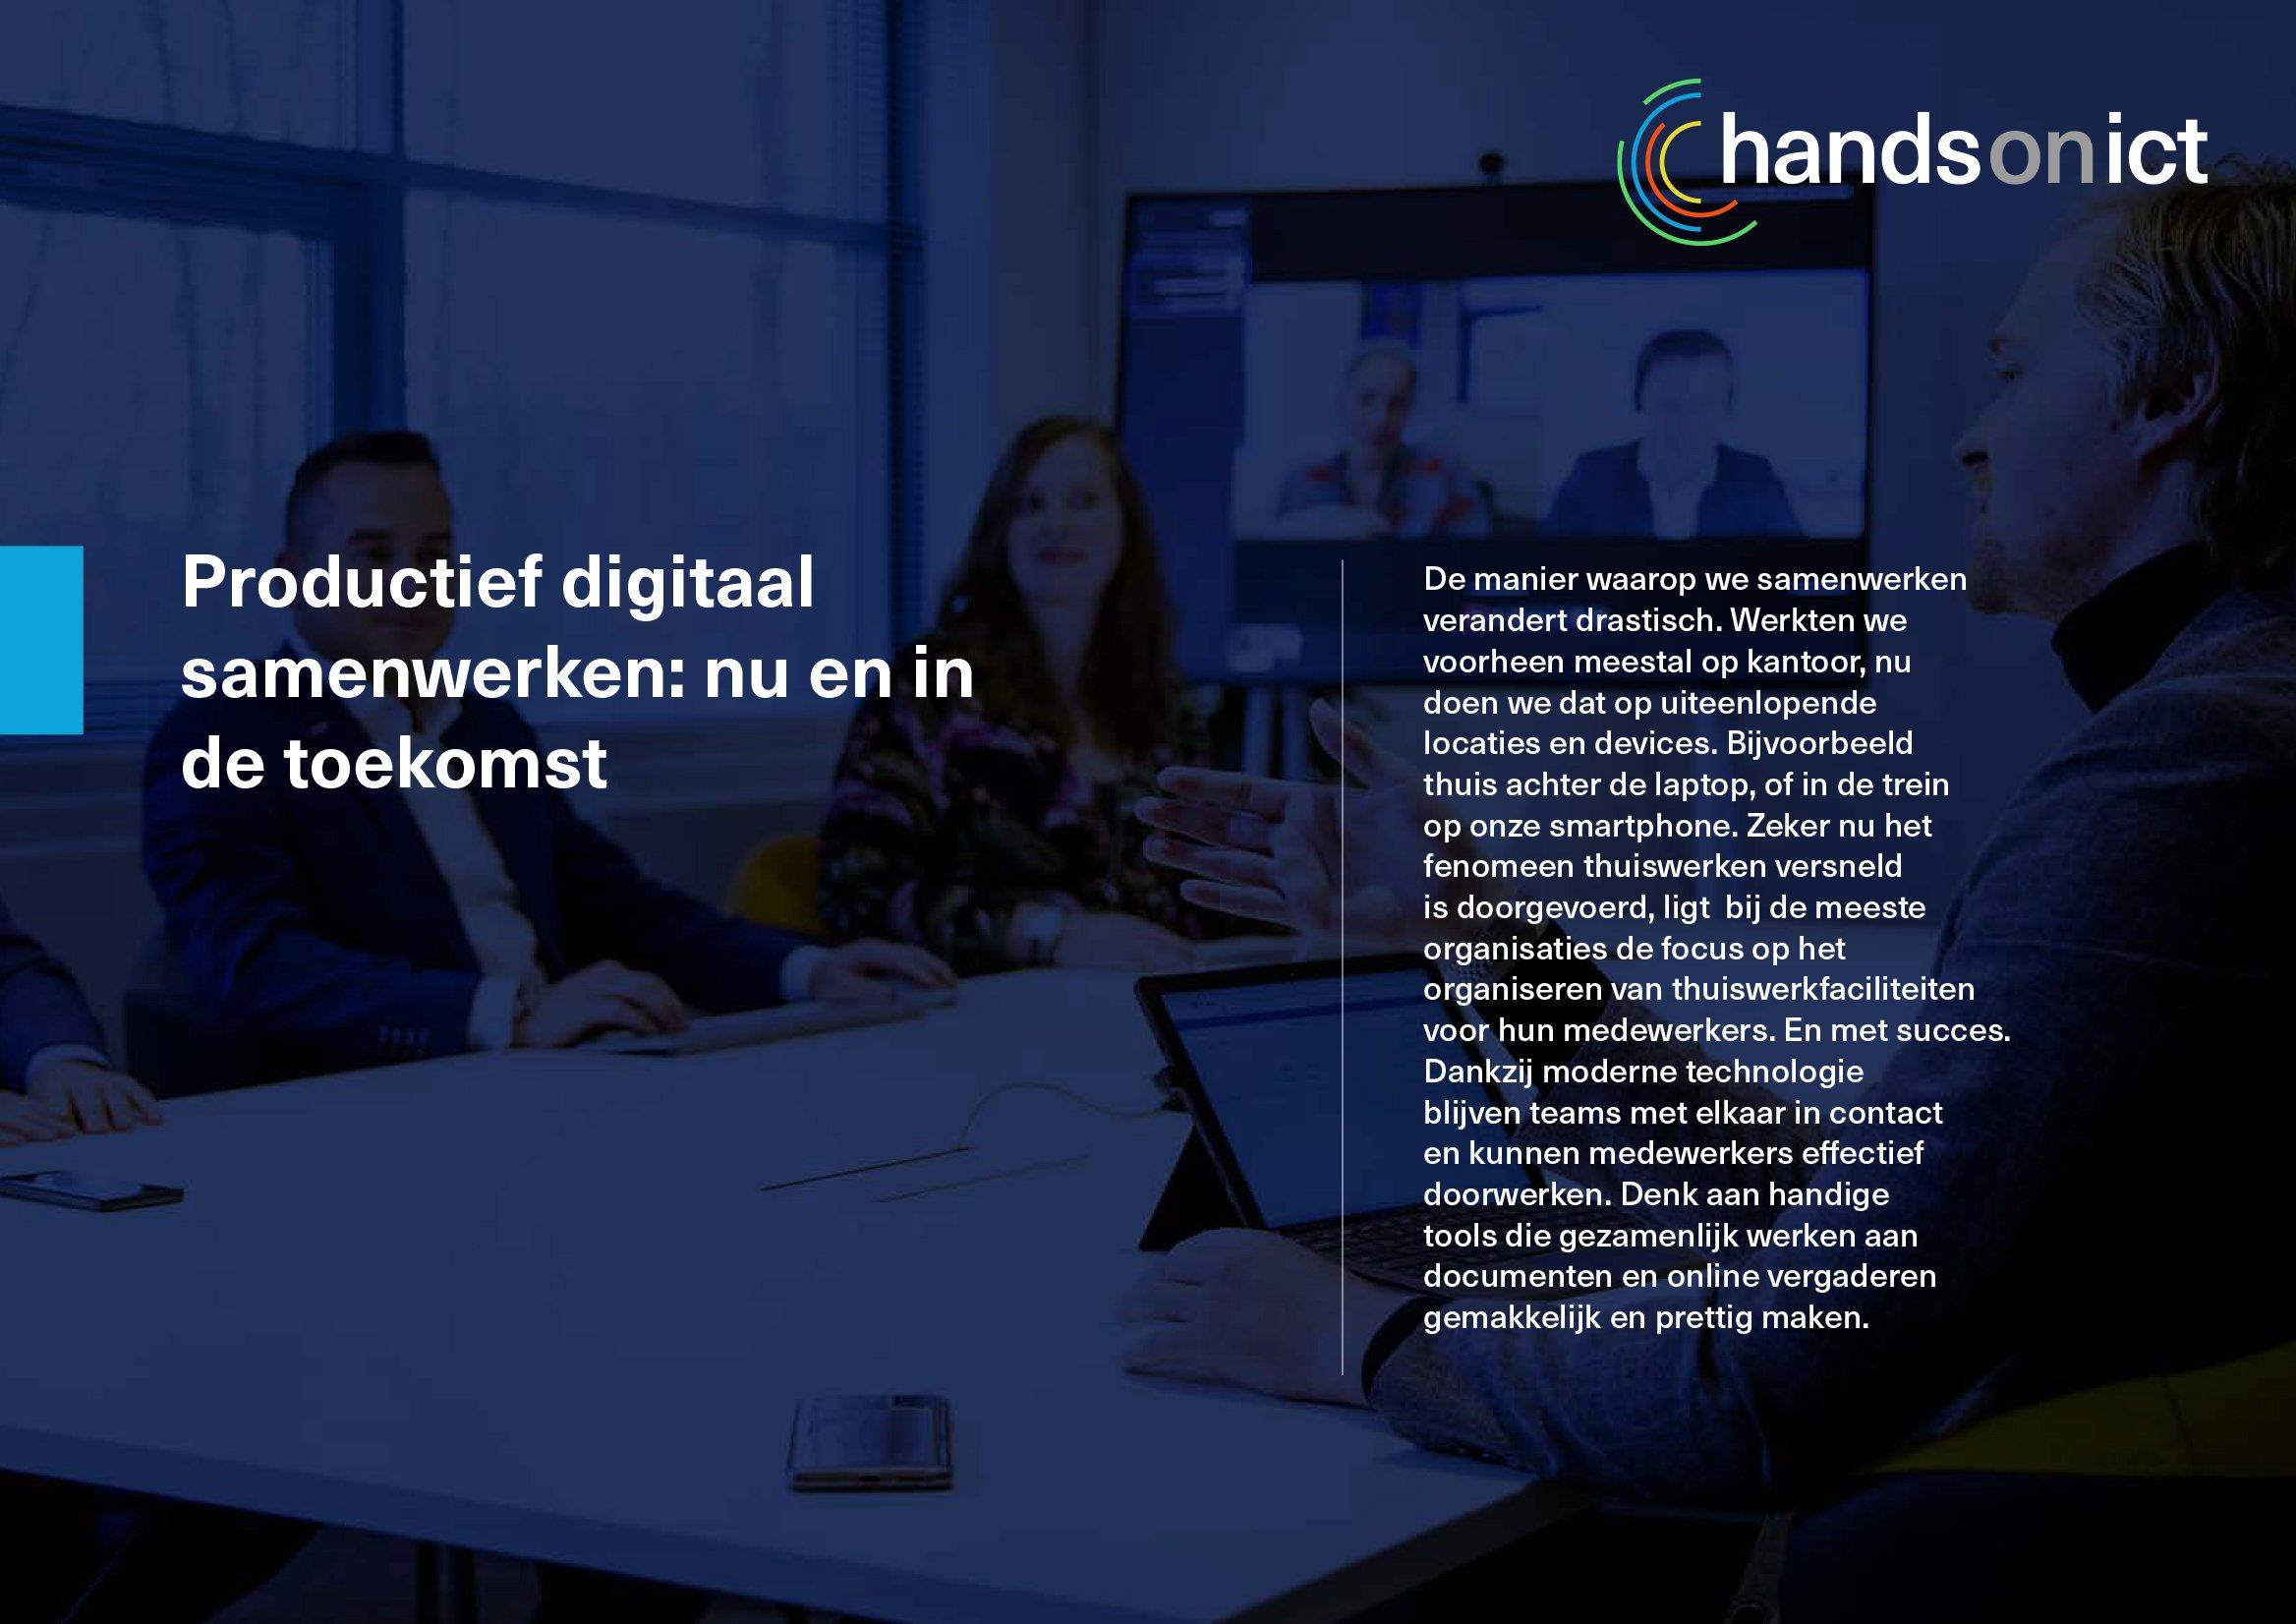 Productief digitaal samenwerken: nu en in de toekomst